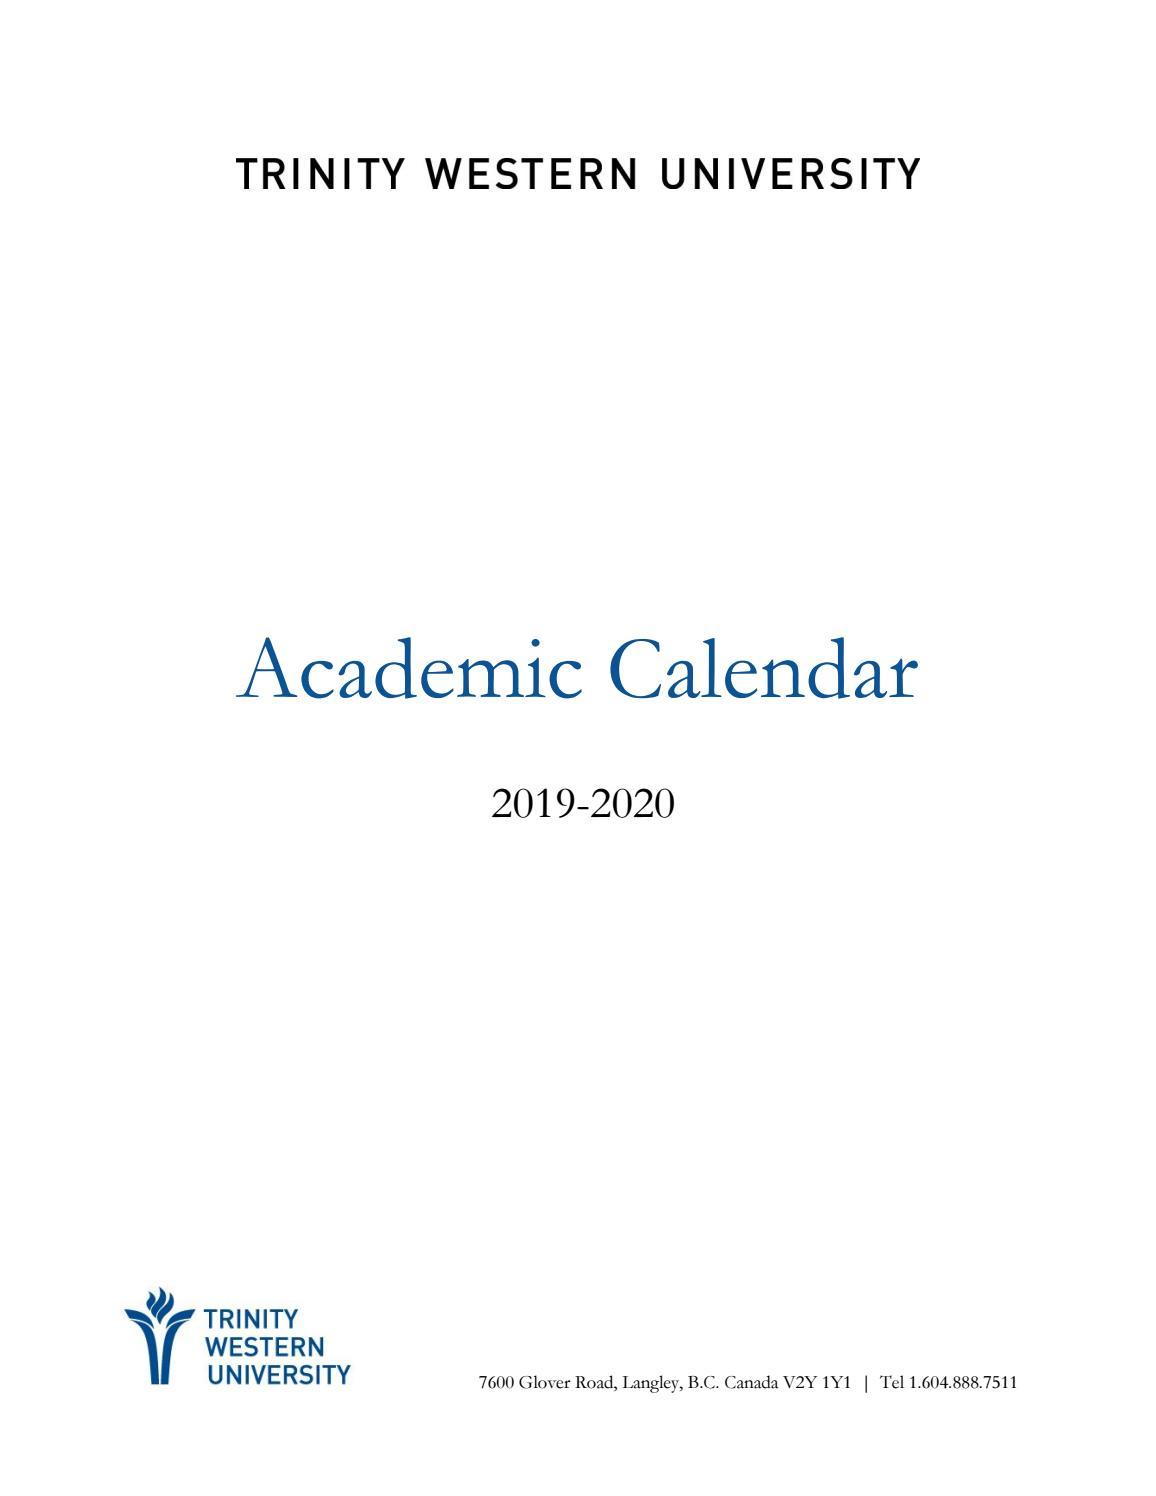 Academic Calendar 20192020 By Twu  Issuu regarding Thoreau Middle School Blue Gold Calendar